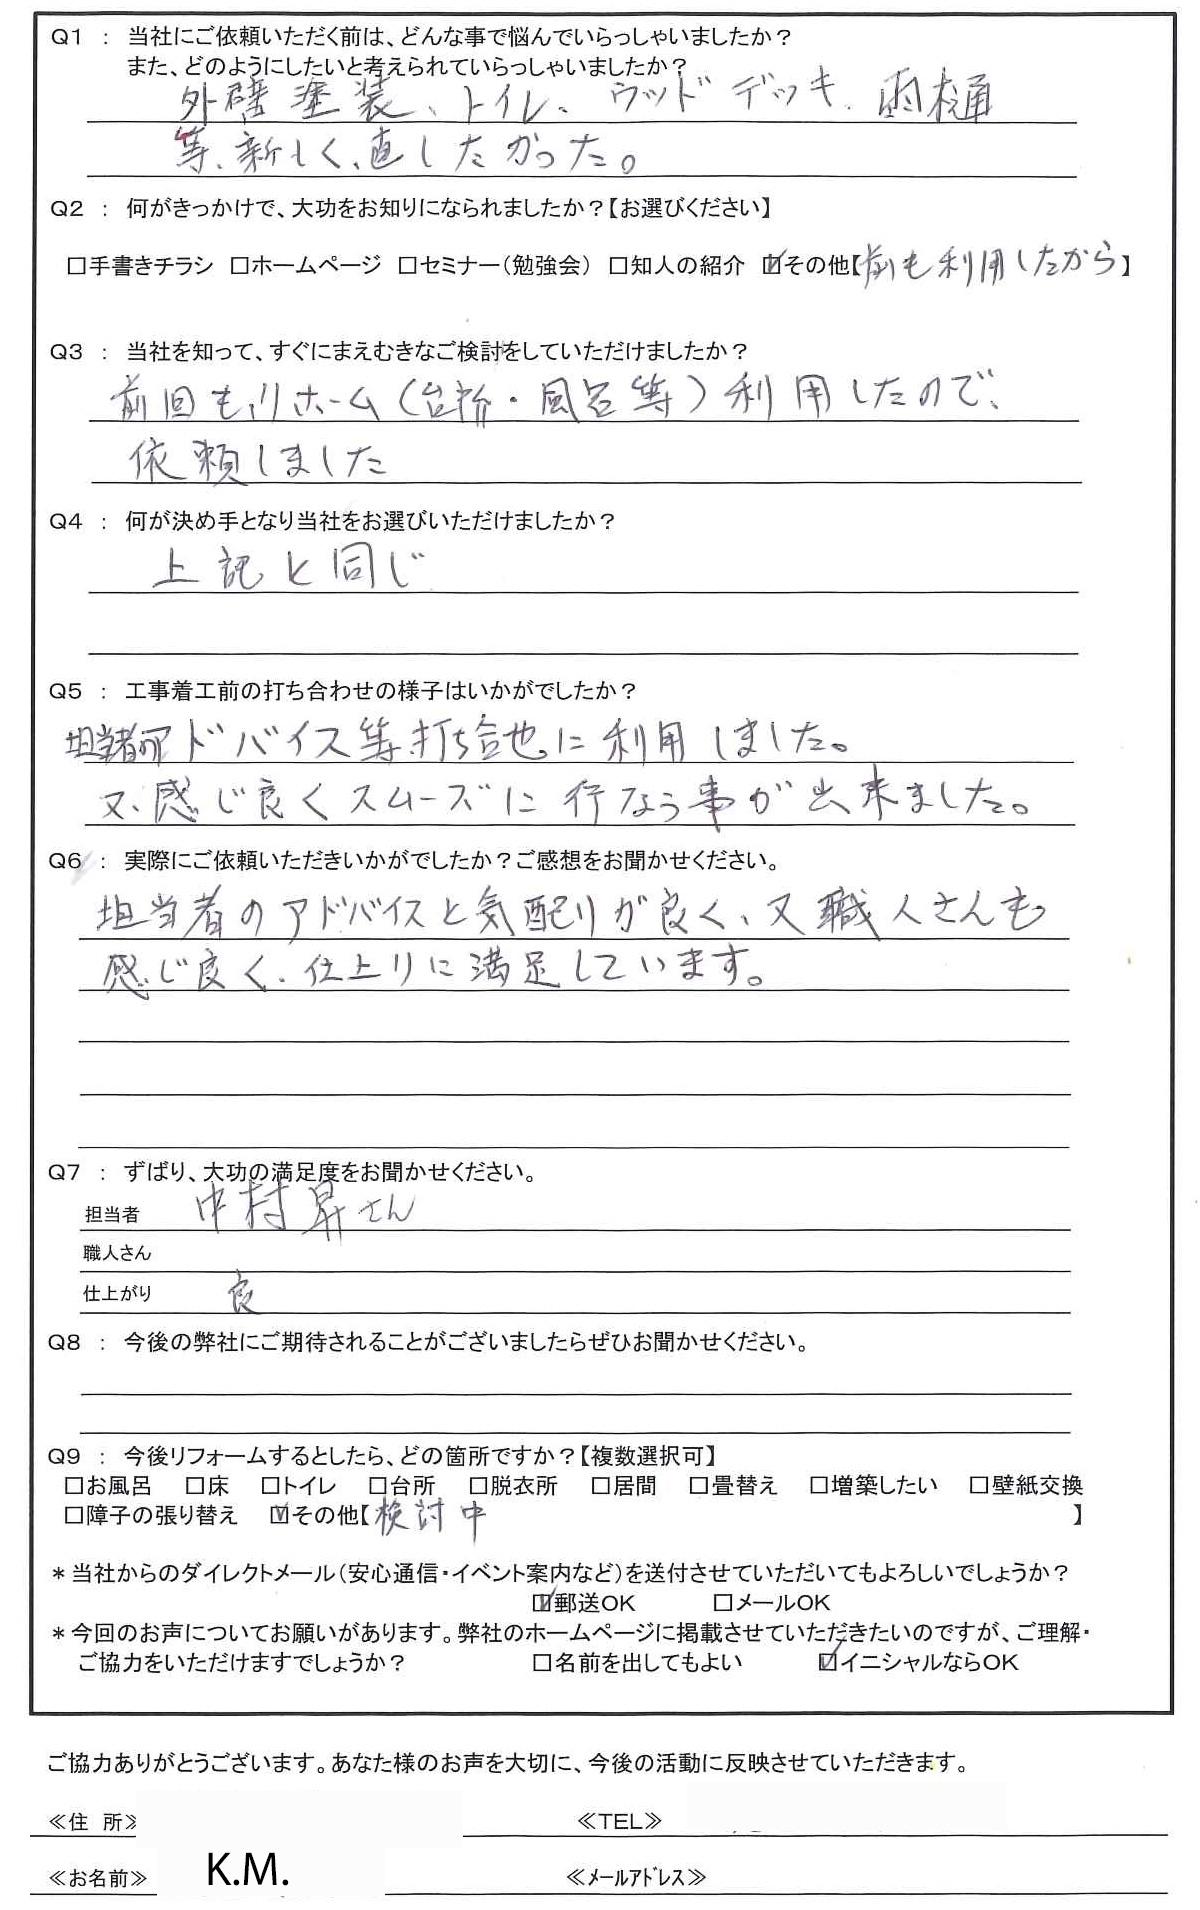 トレイ交換リフォーム-KM様